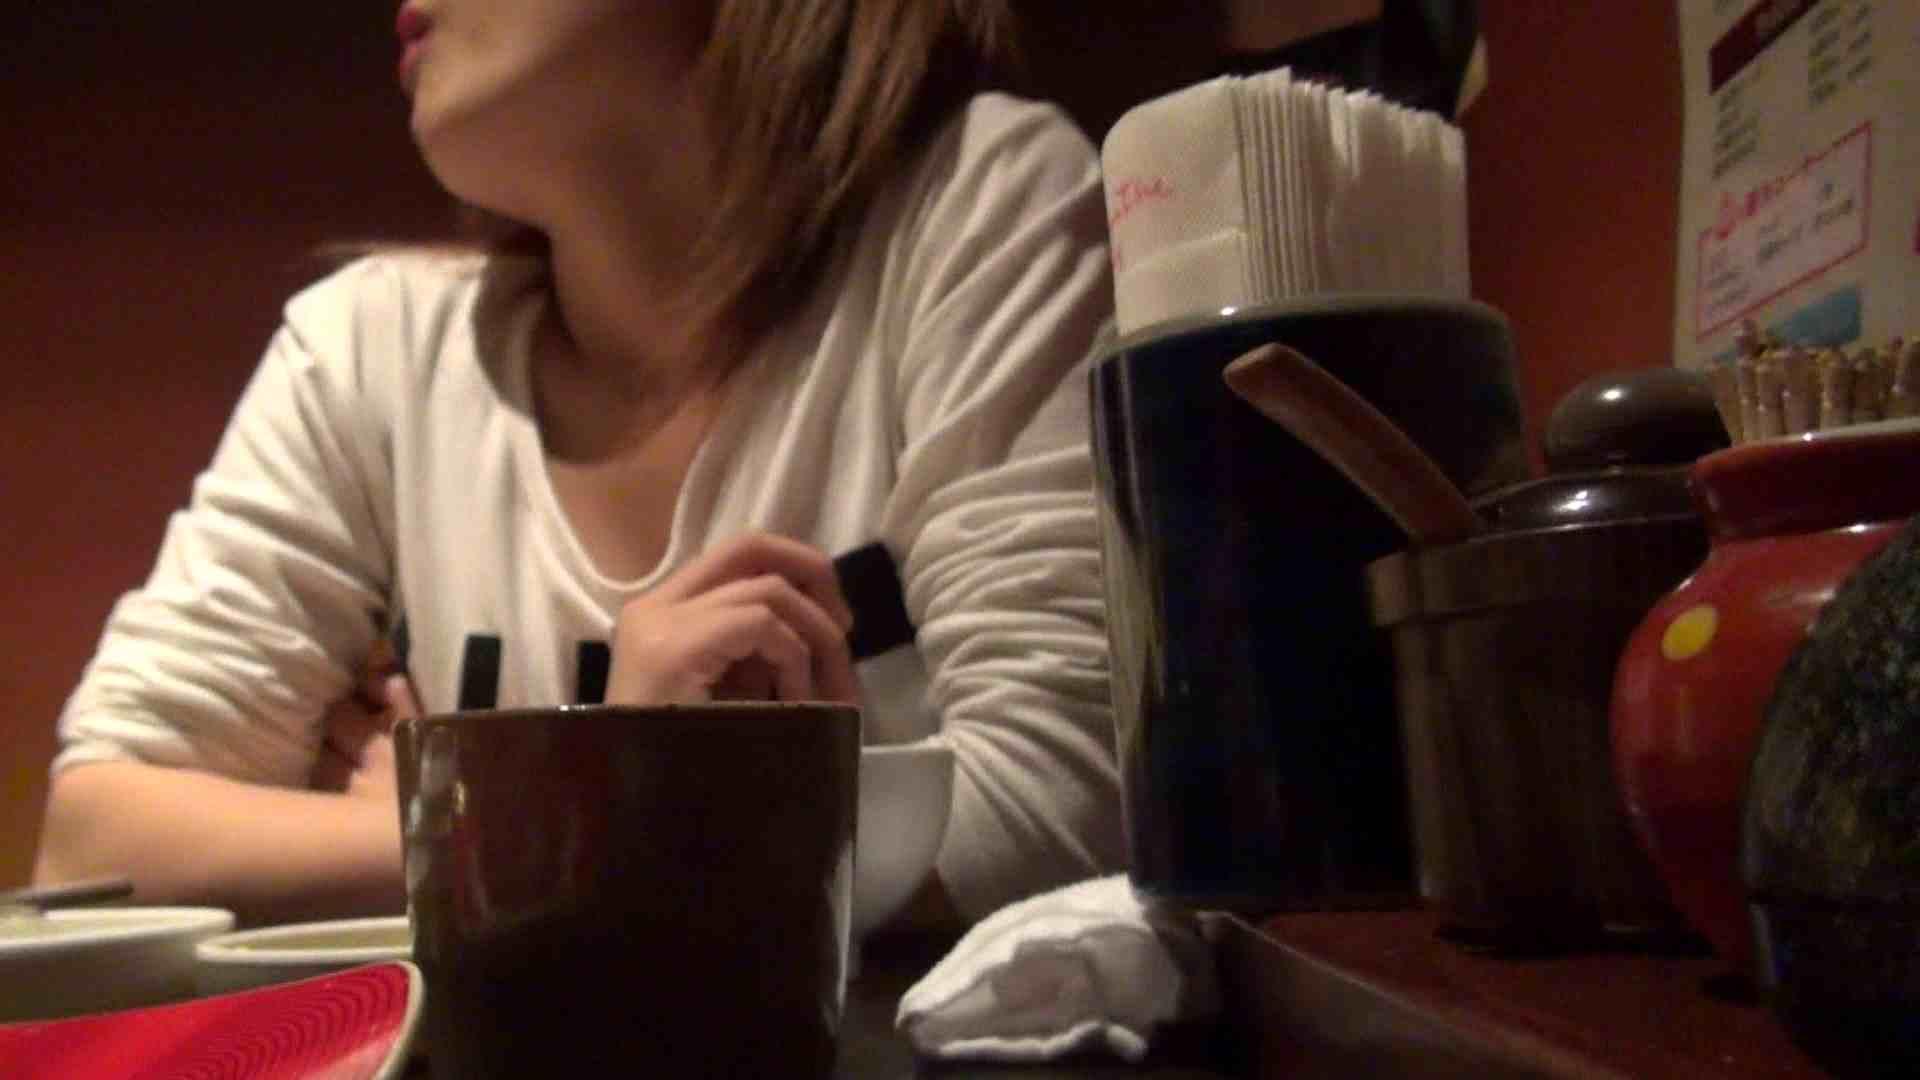 【出会い01】大助さんMちゃんと食事会 友人 | 悪戯  74連発 27